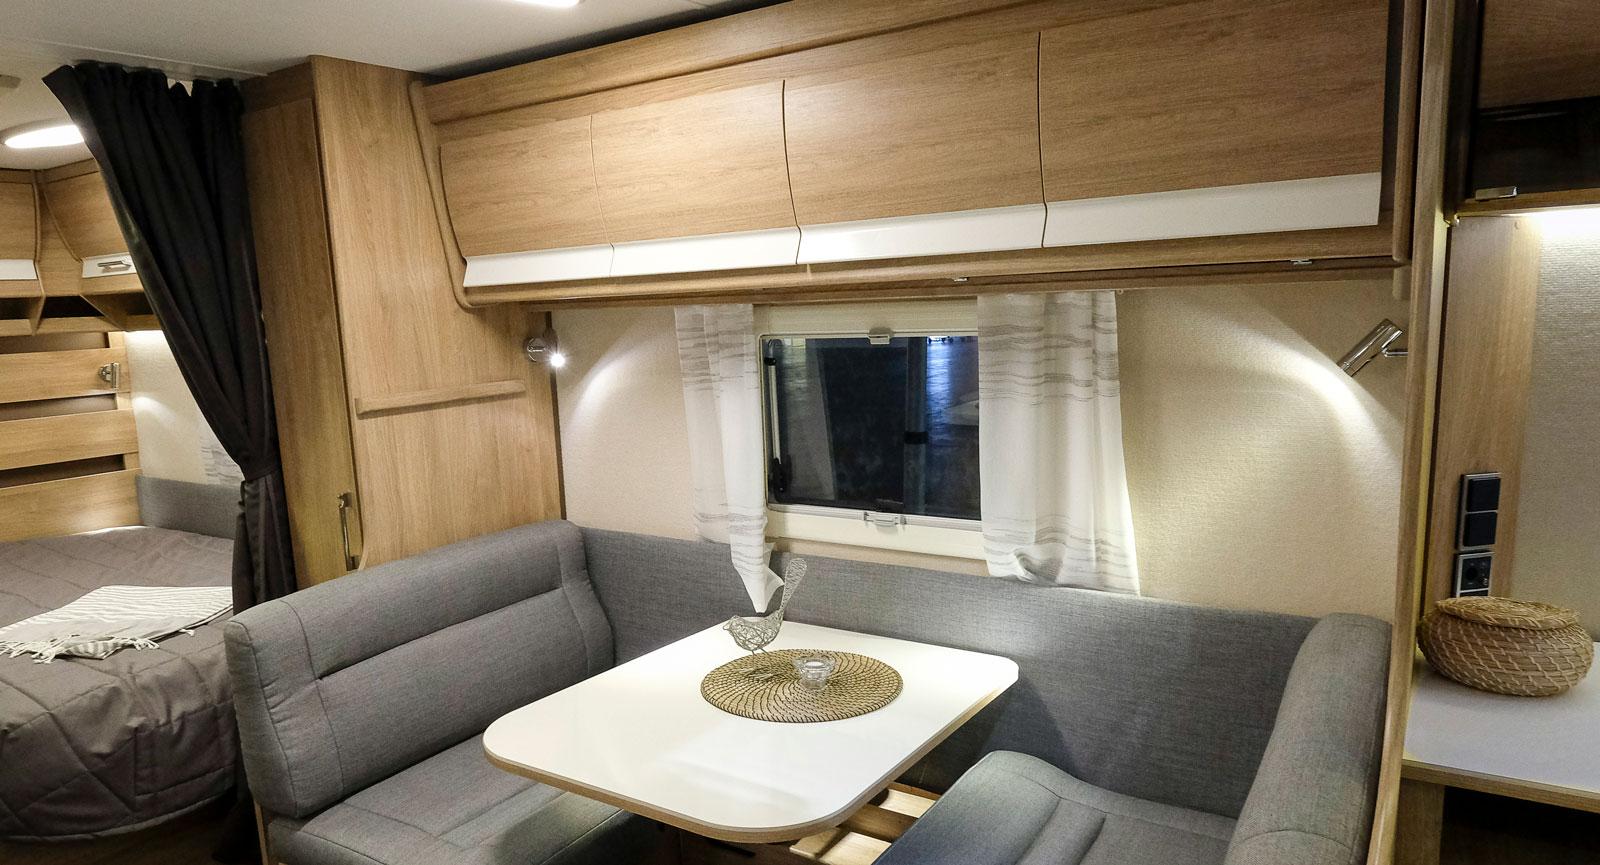 Sängen ovanför dinetten kan på ett enkelt och smart sätt omvandlas till överskåp.